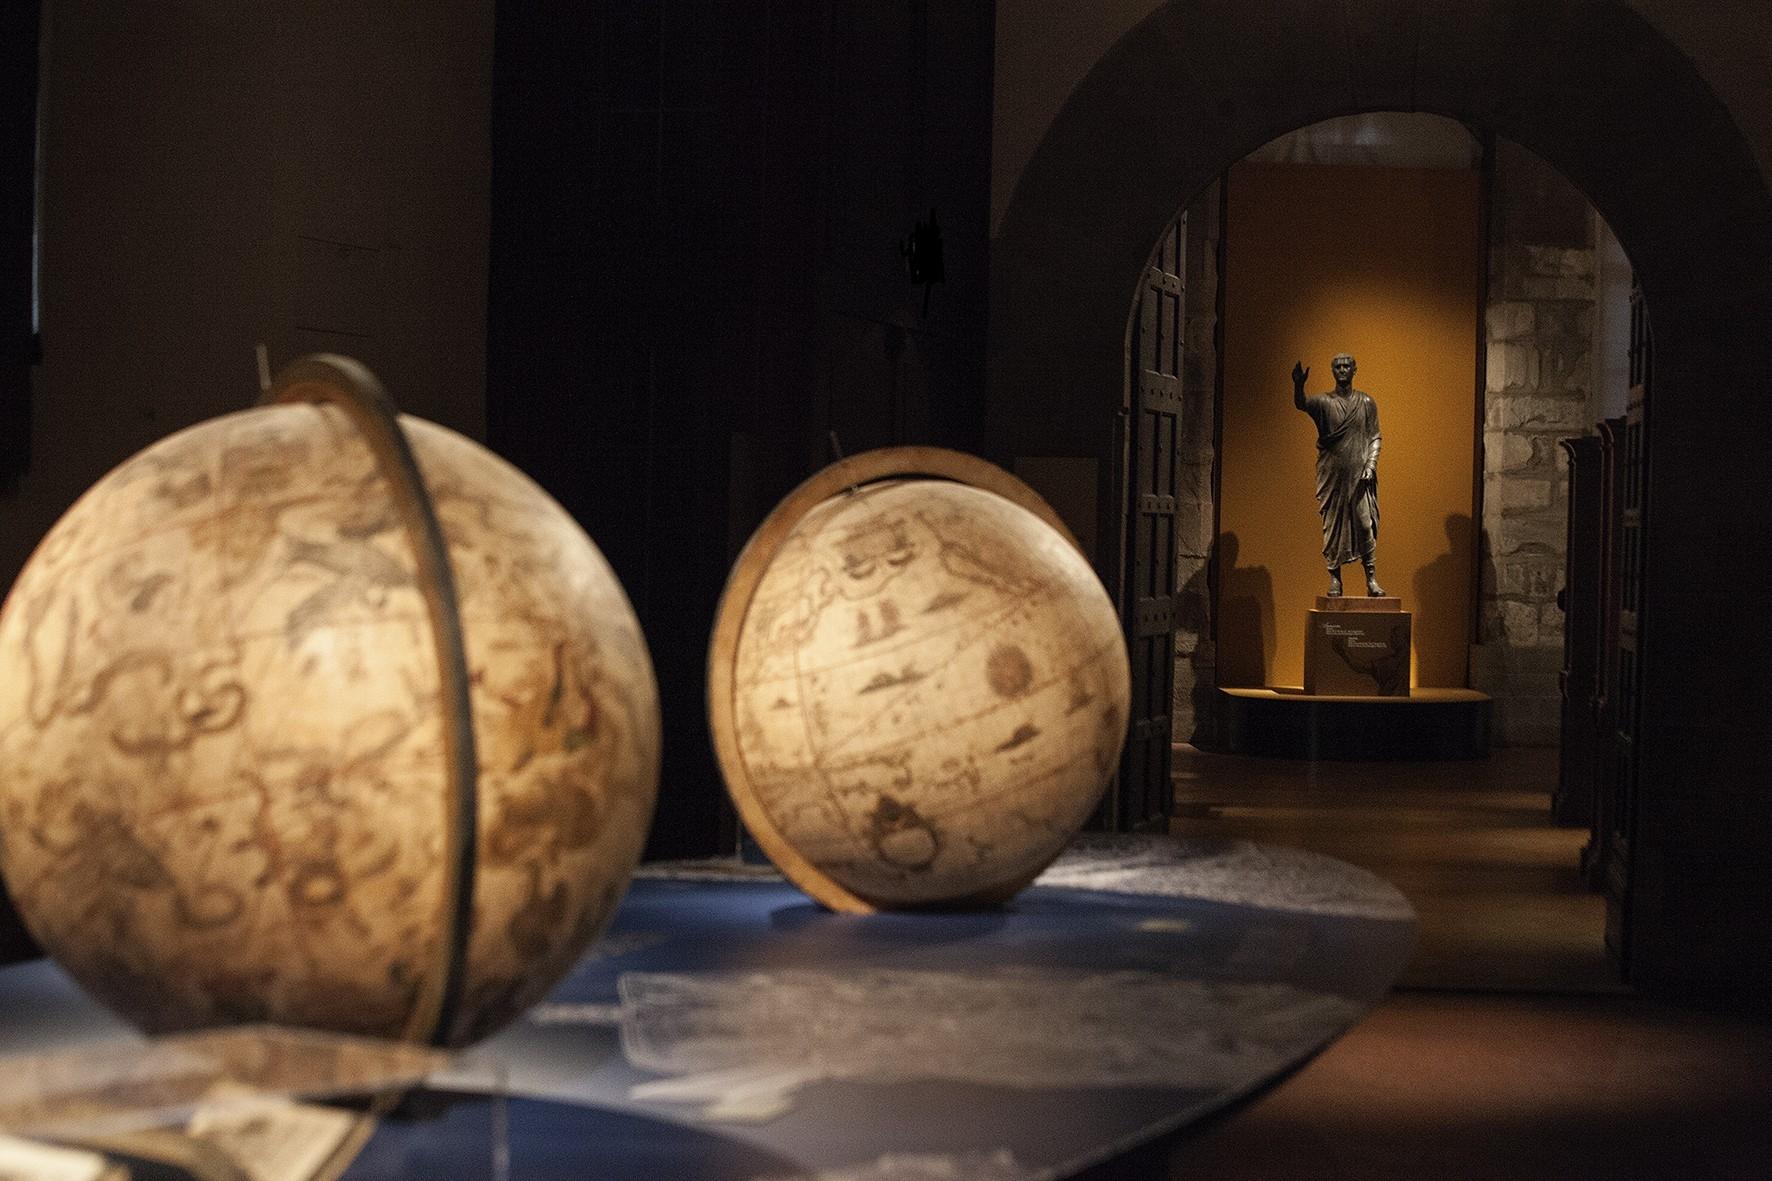 Seduzione Etrusca e MAEC gratuiti per i residenti nella prima domenica di ogni mese